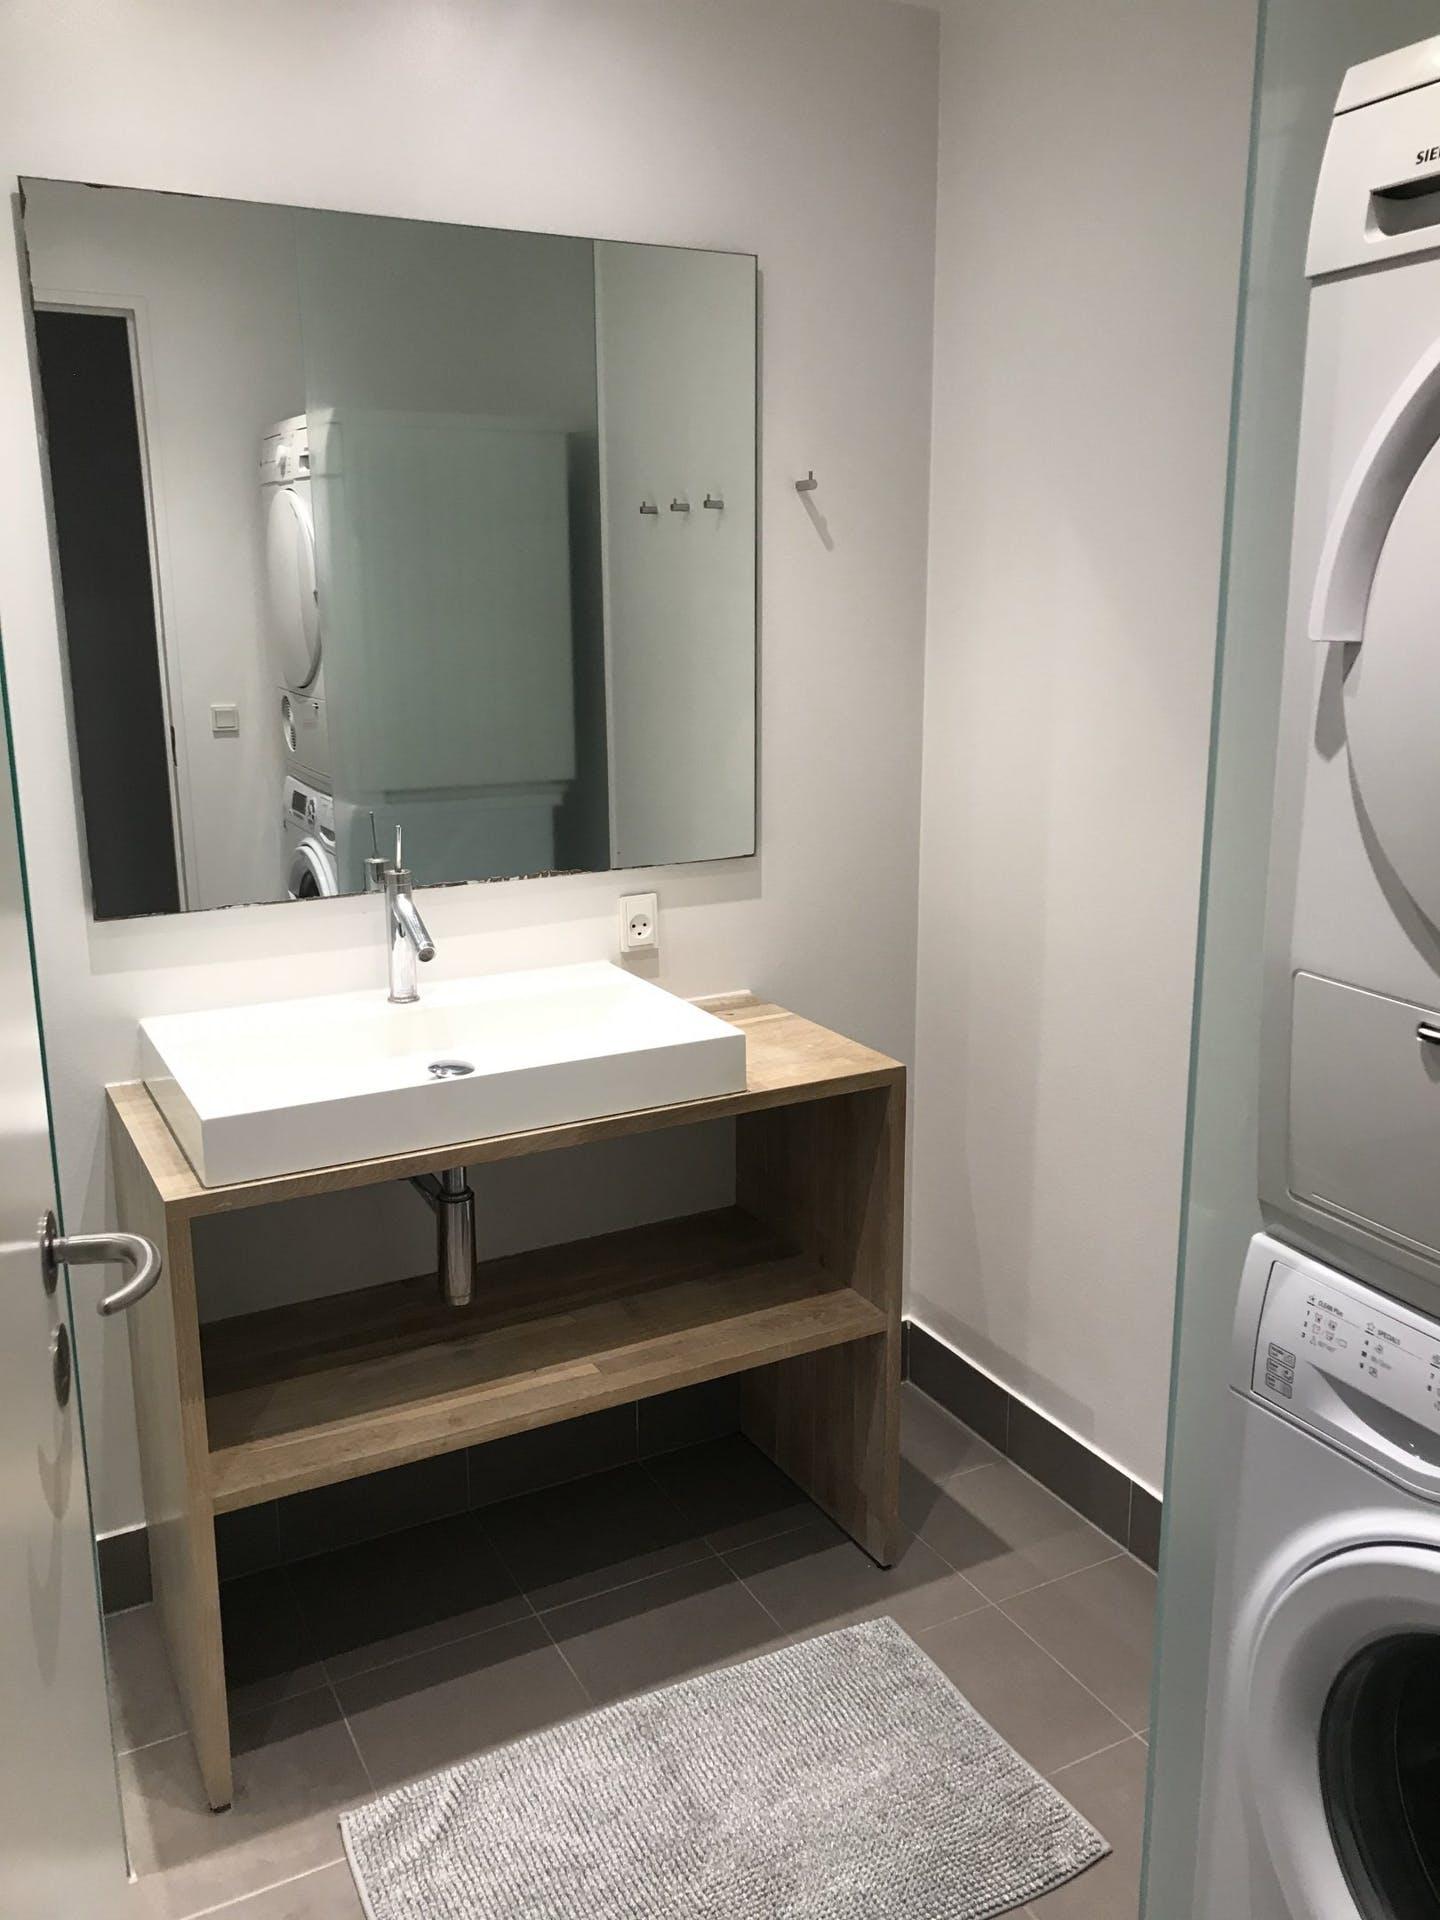 Bathroom at Ben Webster Vej Apartments, Sydhavnen, Copenhagen